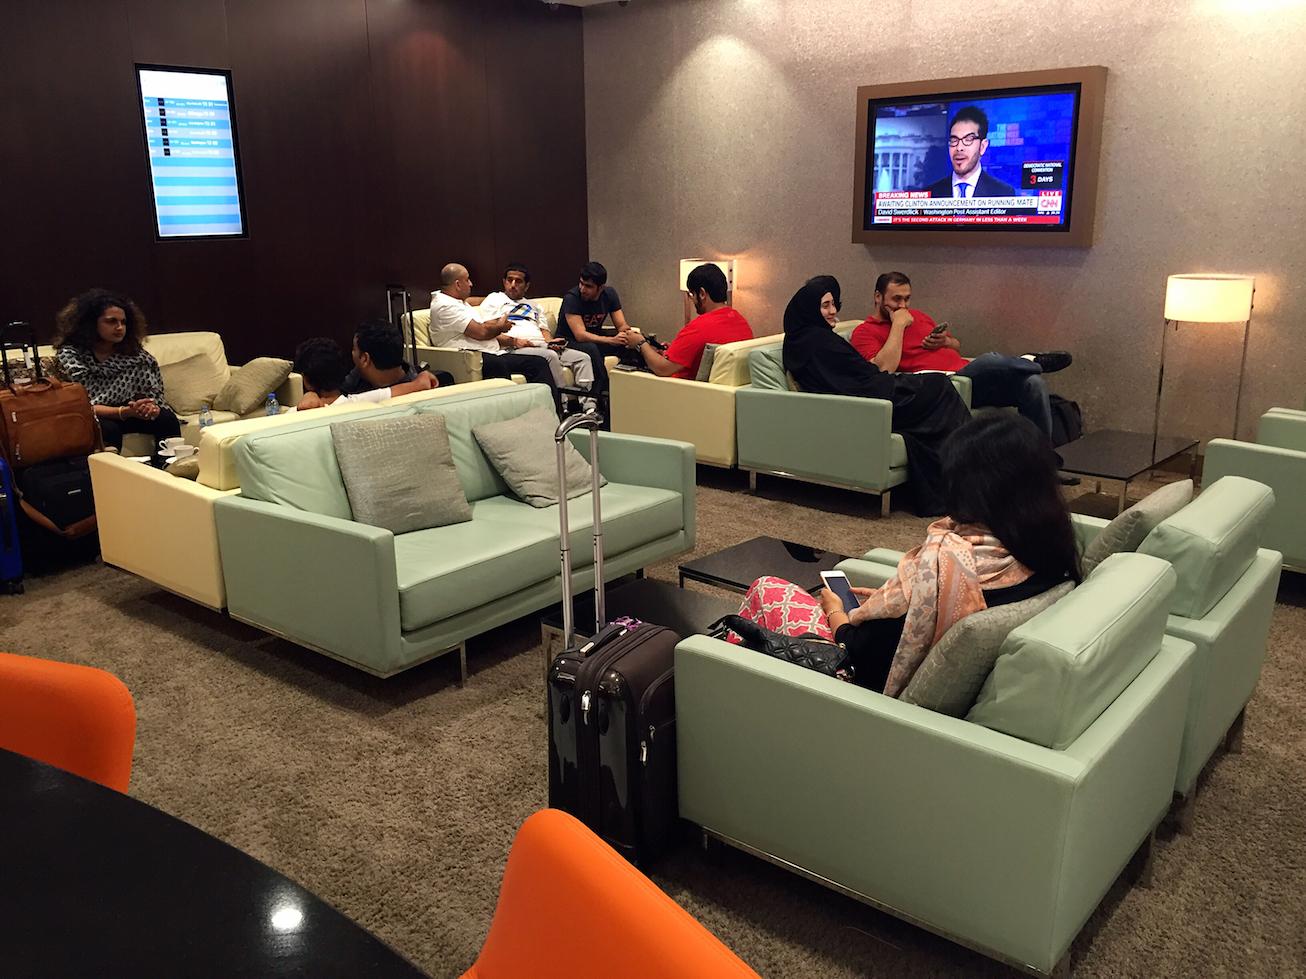 Etihad 航空阿布扎比機場頭等艙休息室體驗 - 美國信用卡指南